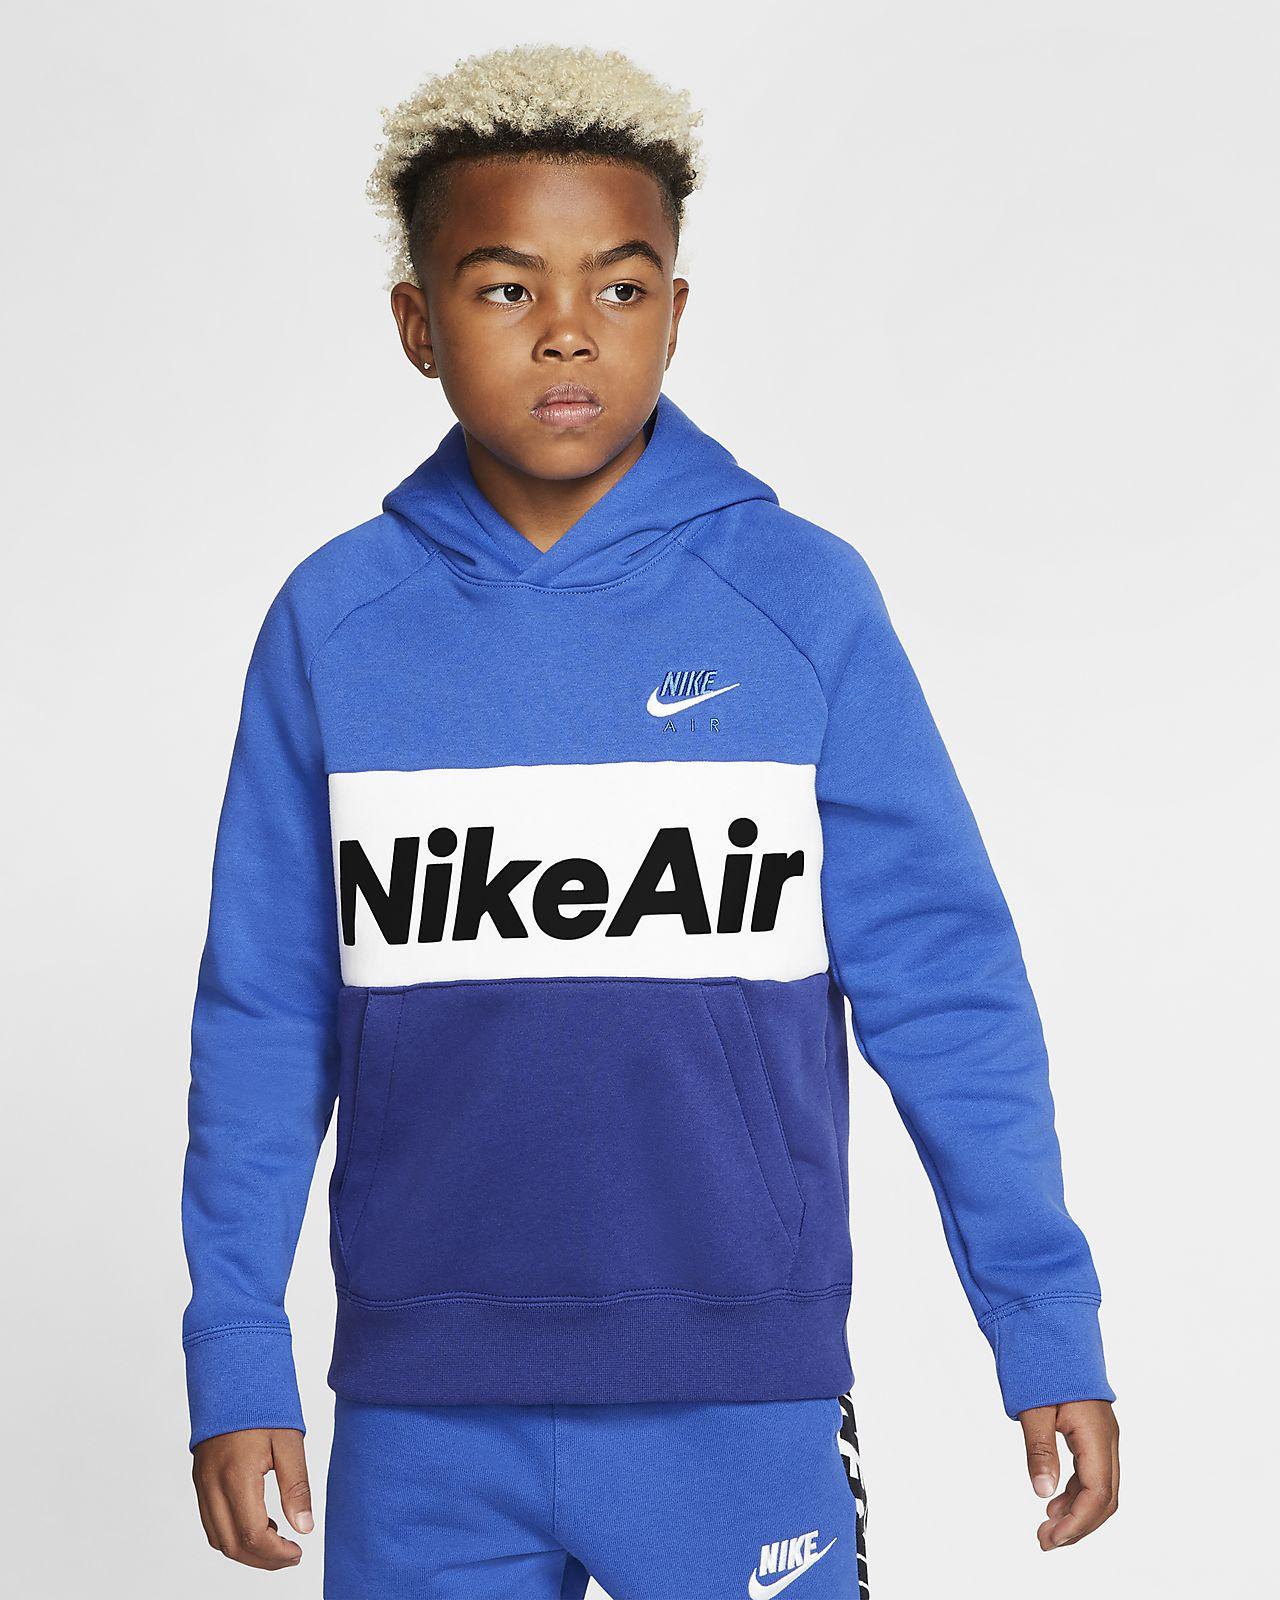 Nike Air pullover hettegenser til store barn (gutt)